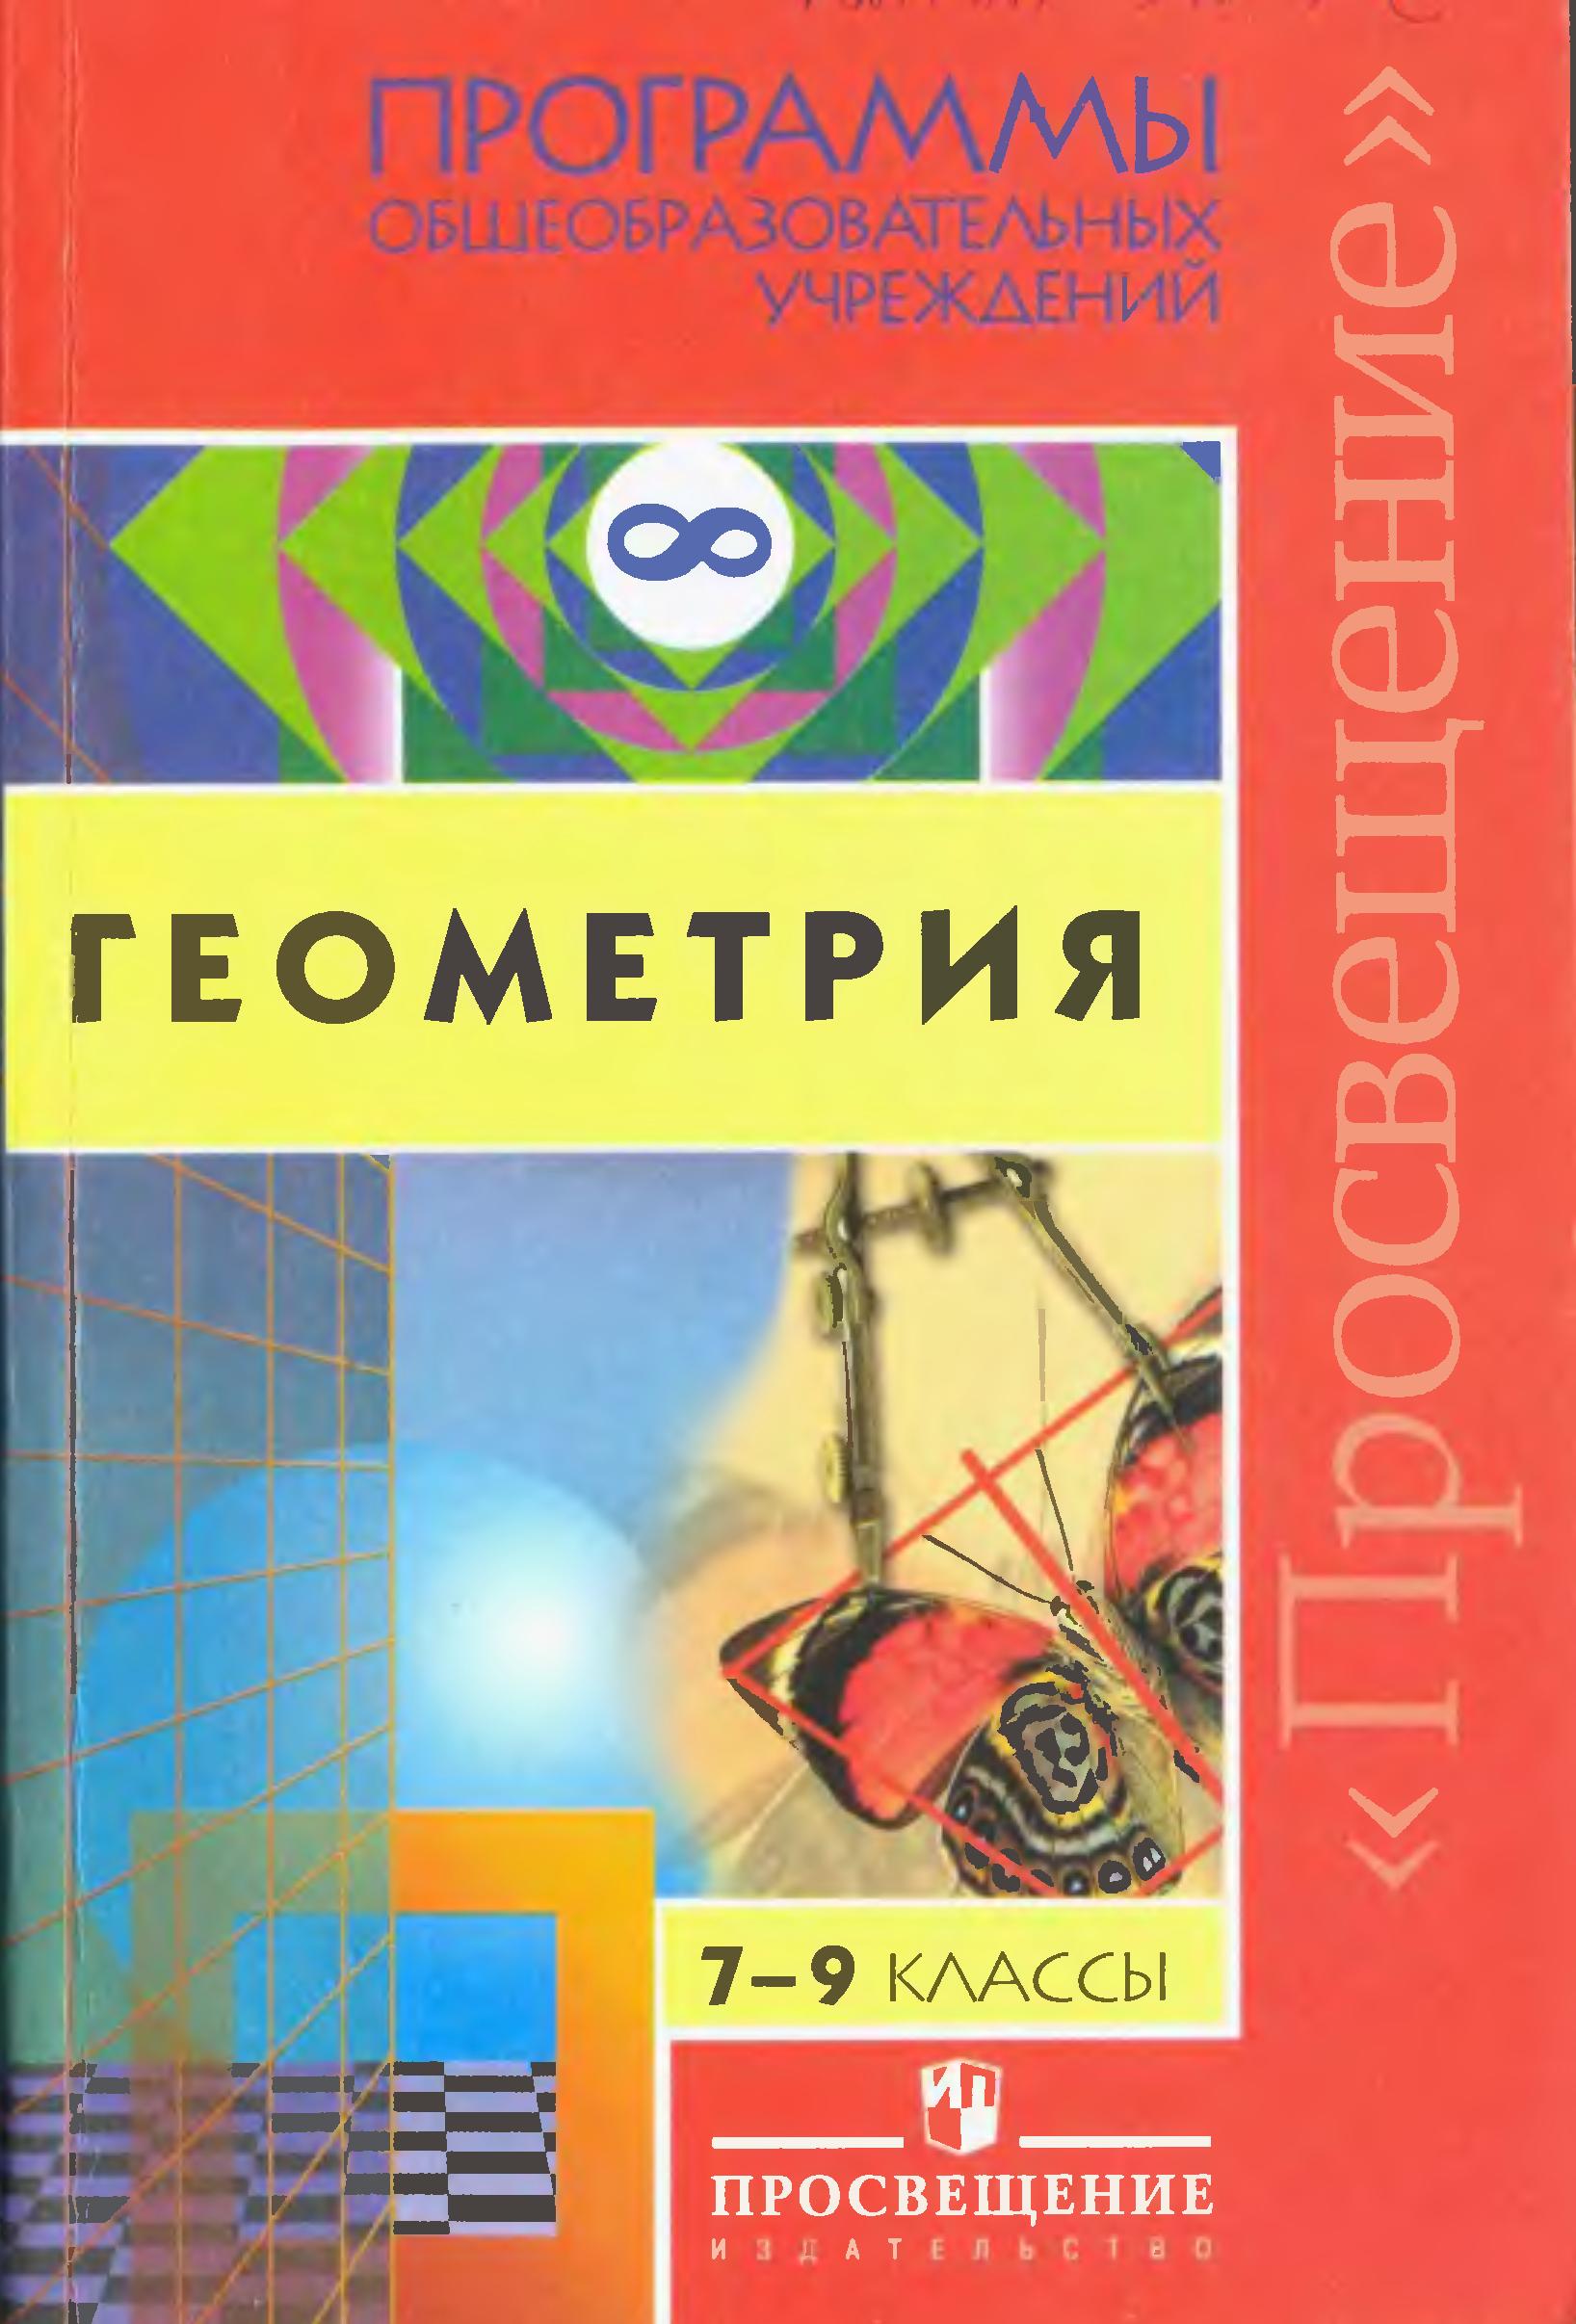 Скачать бесплатно программы общеобразовательных учреждений по геометрии 7-9 класс